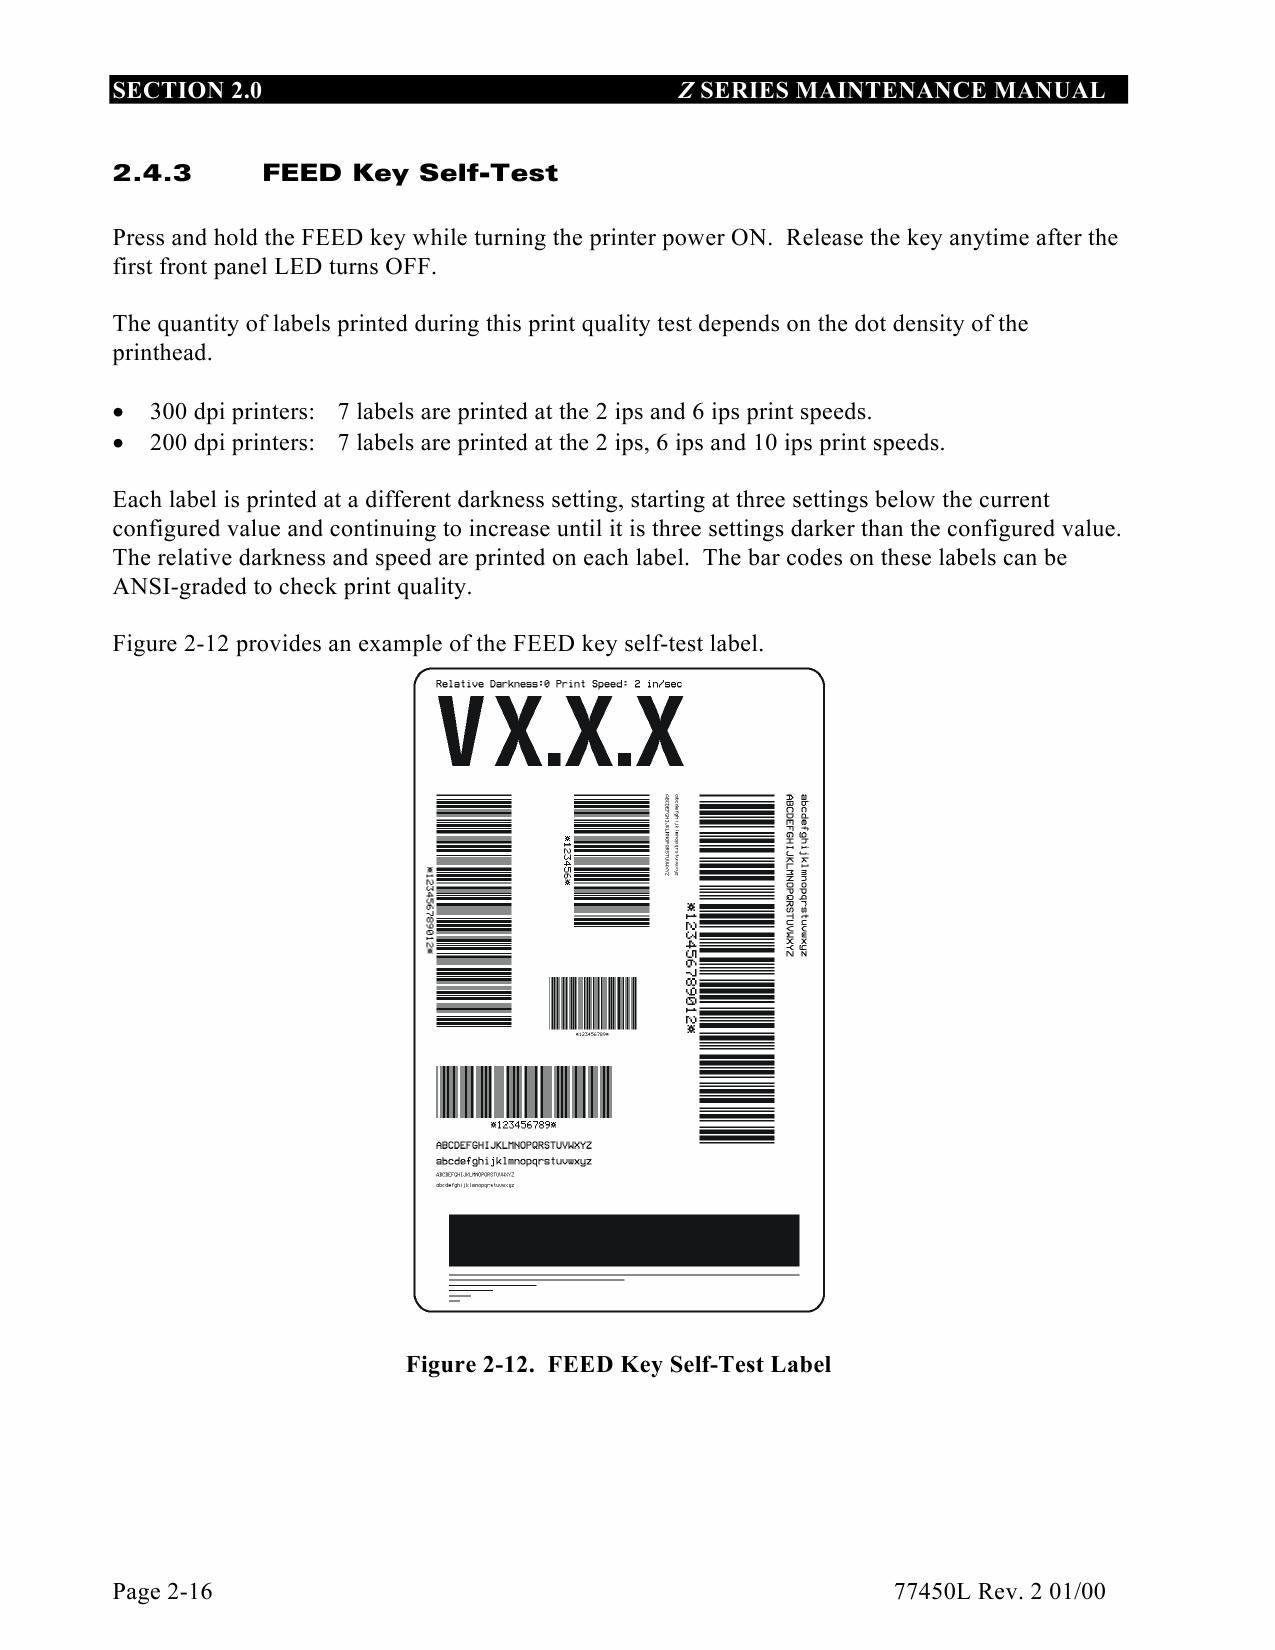 zebra z 4000 service manual